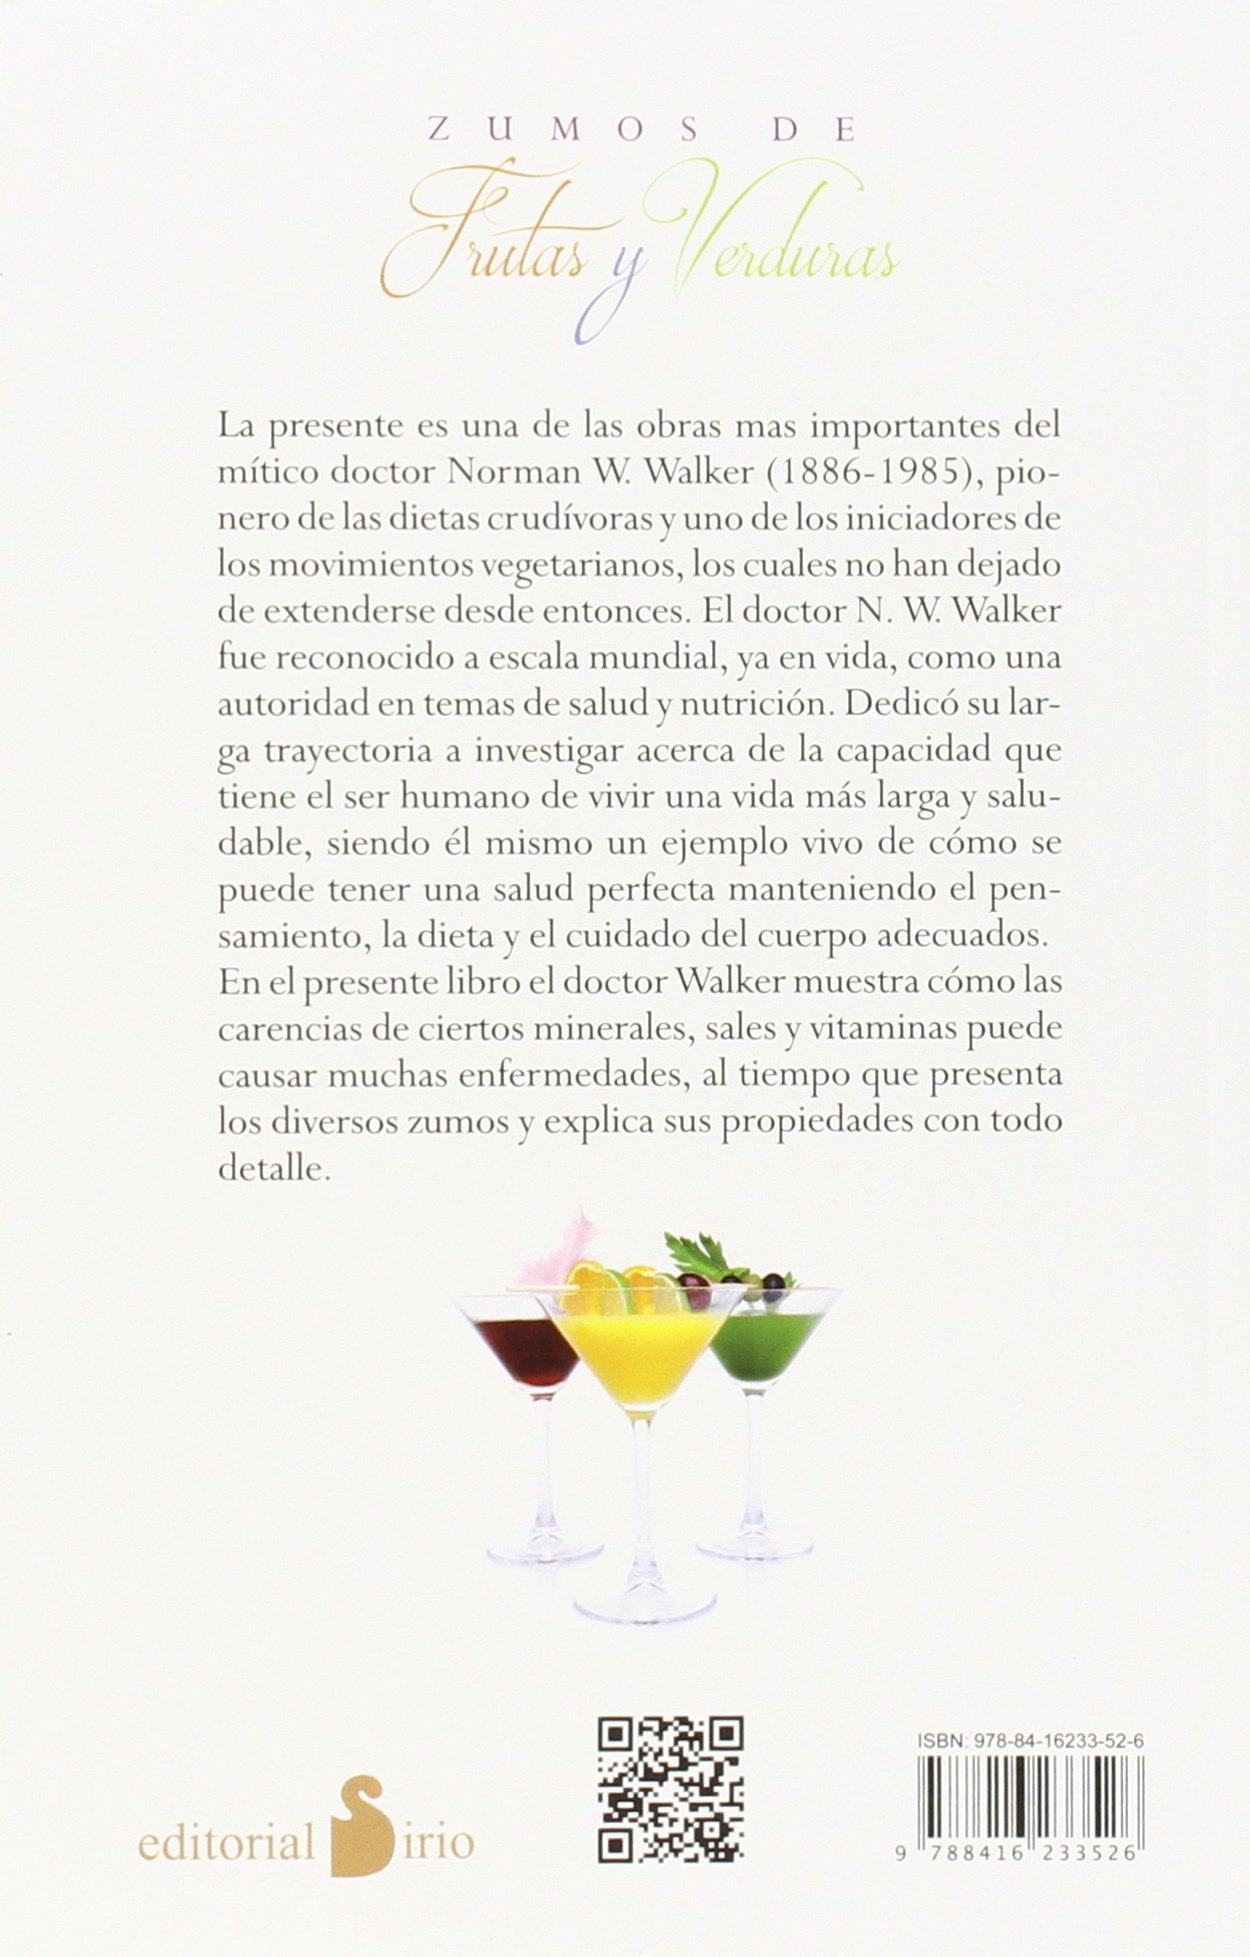 Amazon.com: Zumos de frutas y verduras (Spanish Edition) (9788416233526): N. H. Walker: Books